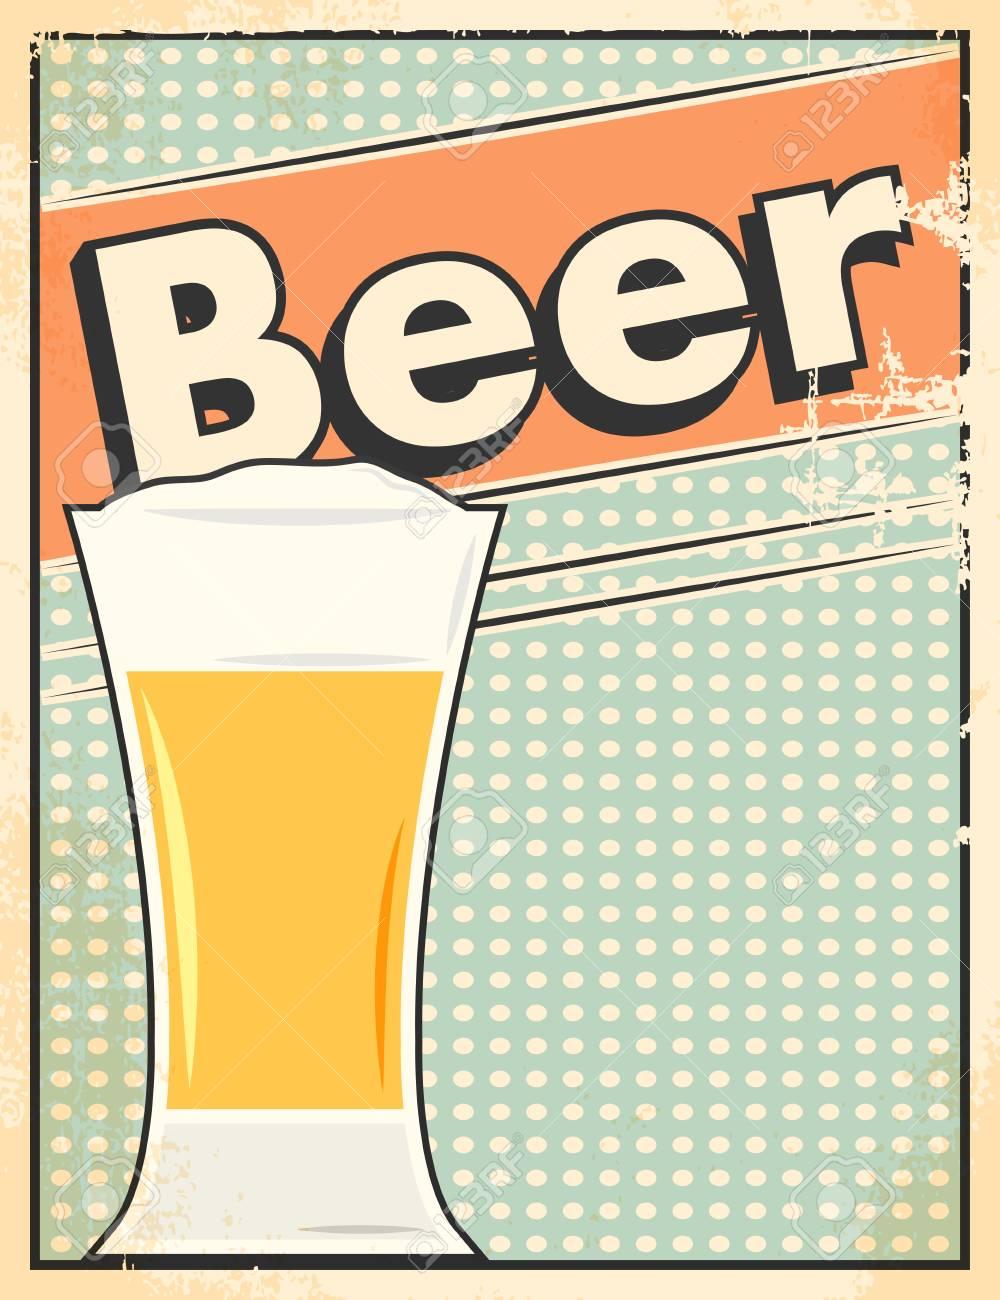 ビール レトロなポスターベクトル形式のイラストのイラスト素材